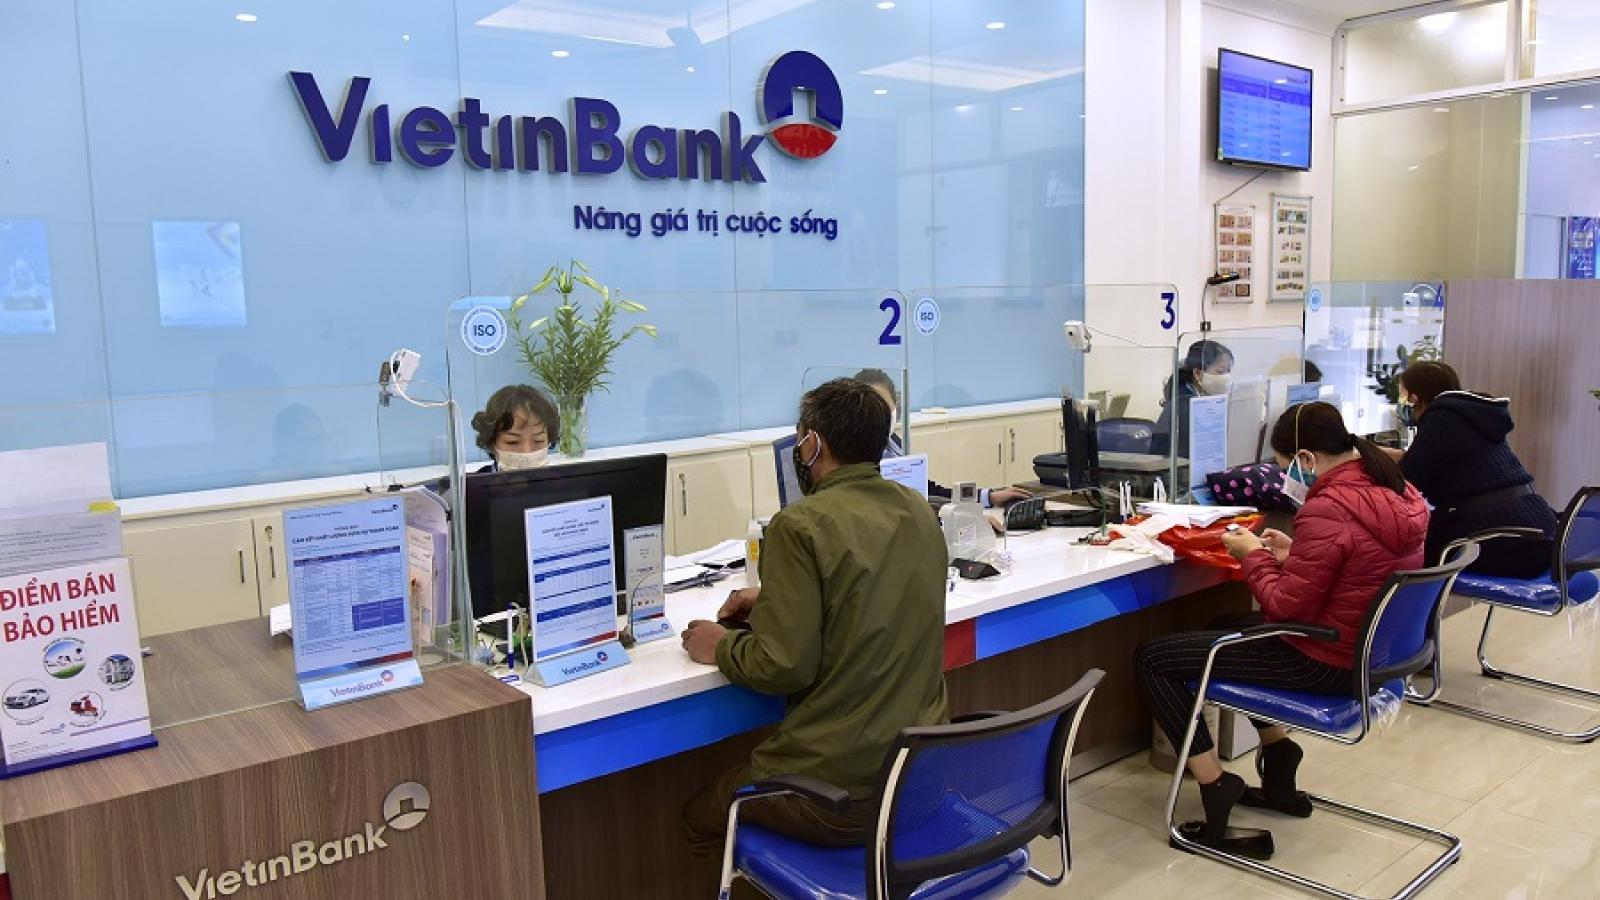 VietinBank giảm lợi nhuận để chia sẻ khó khăn với DN và nền kinh tế